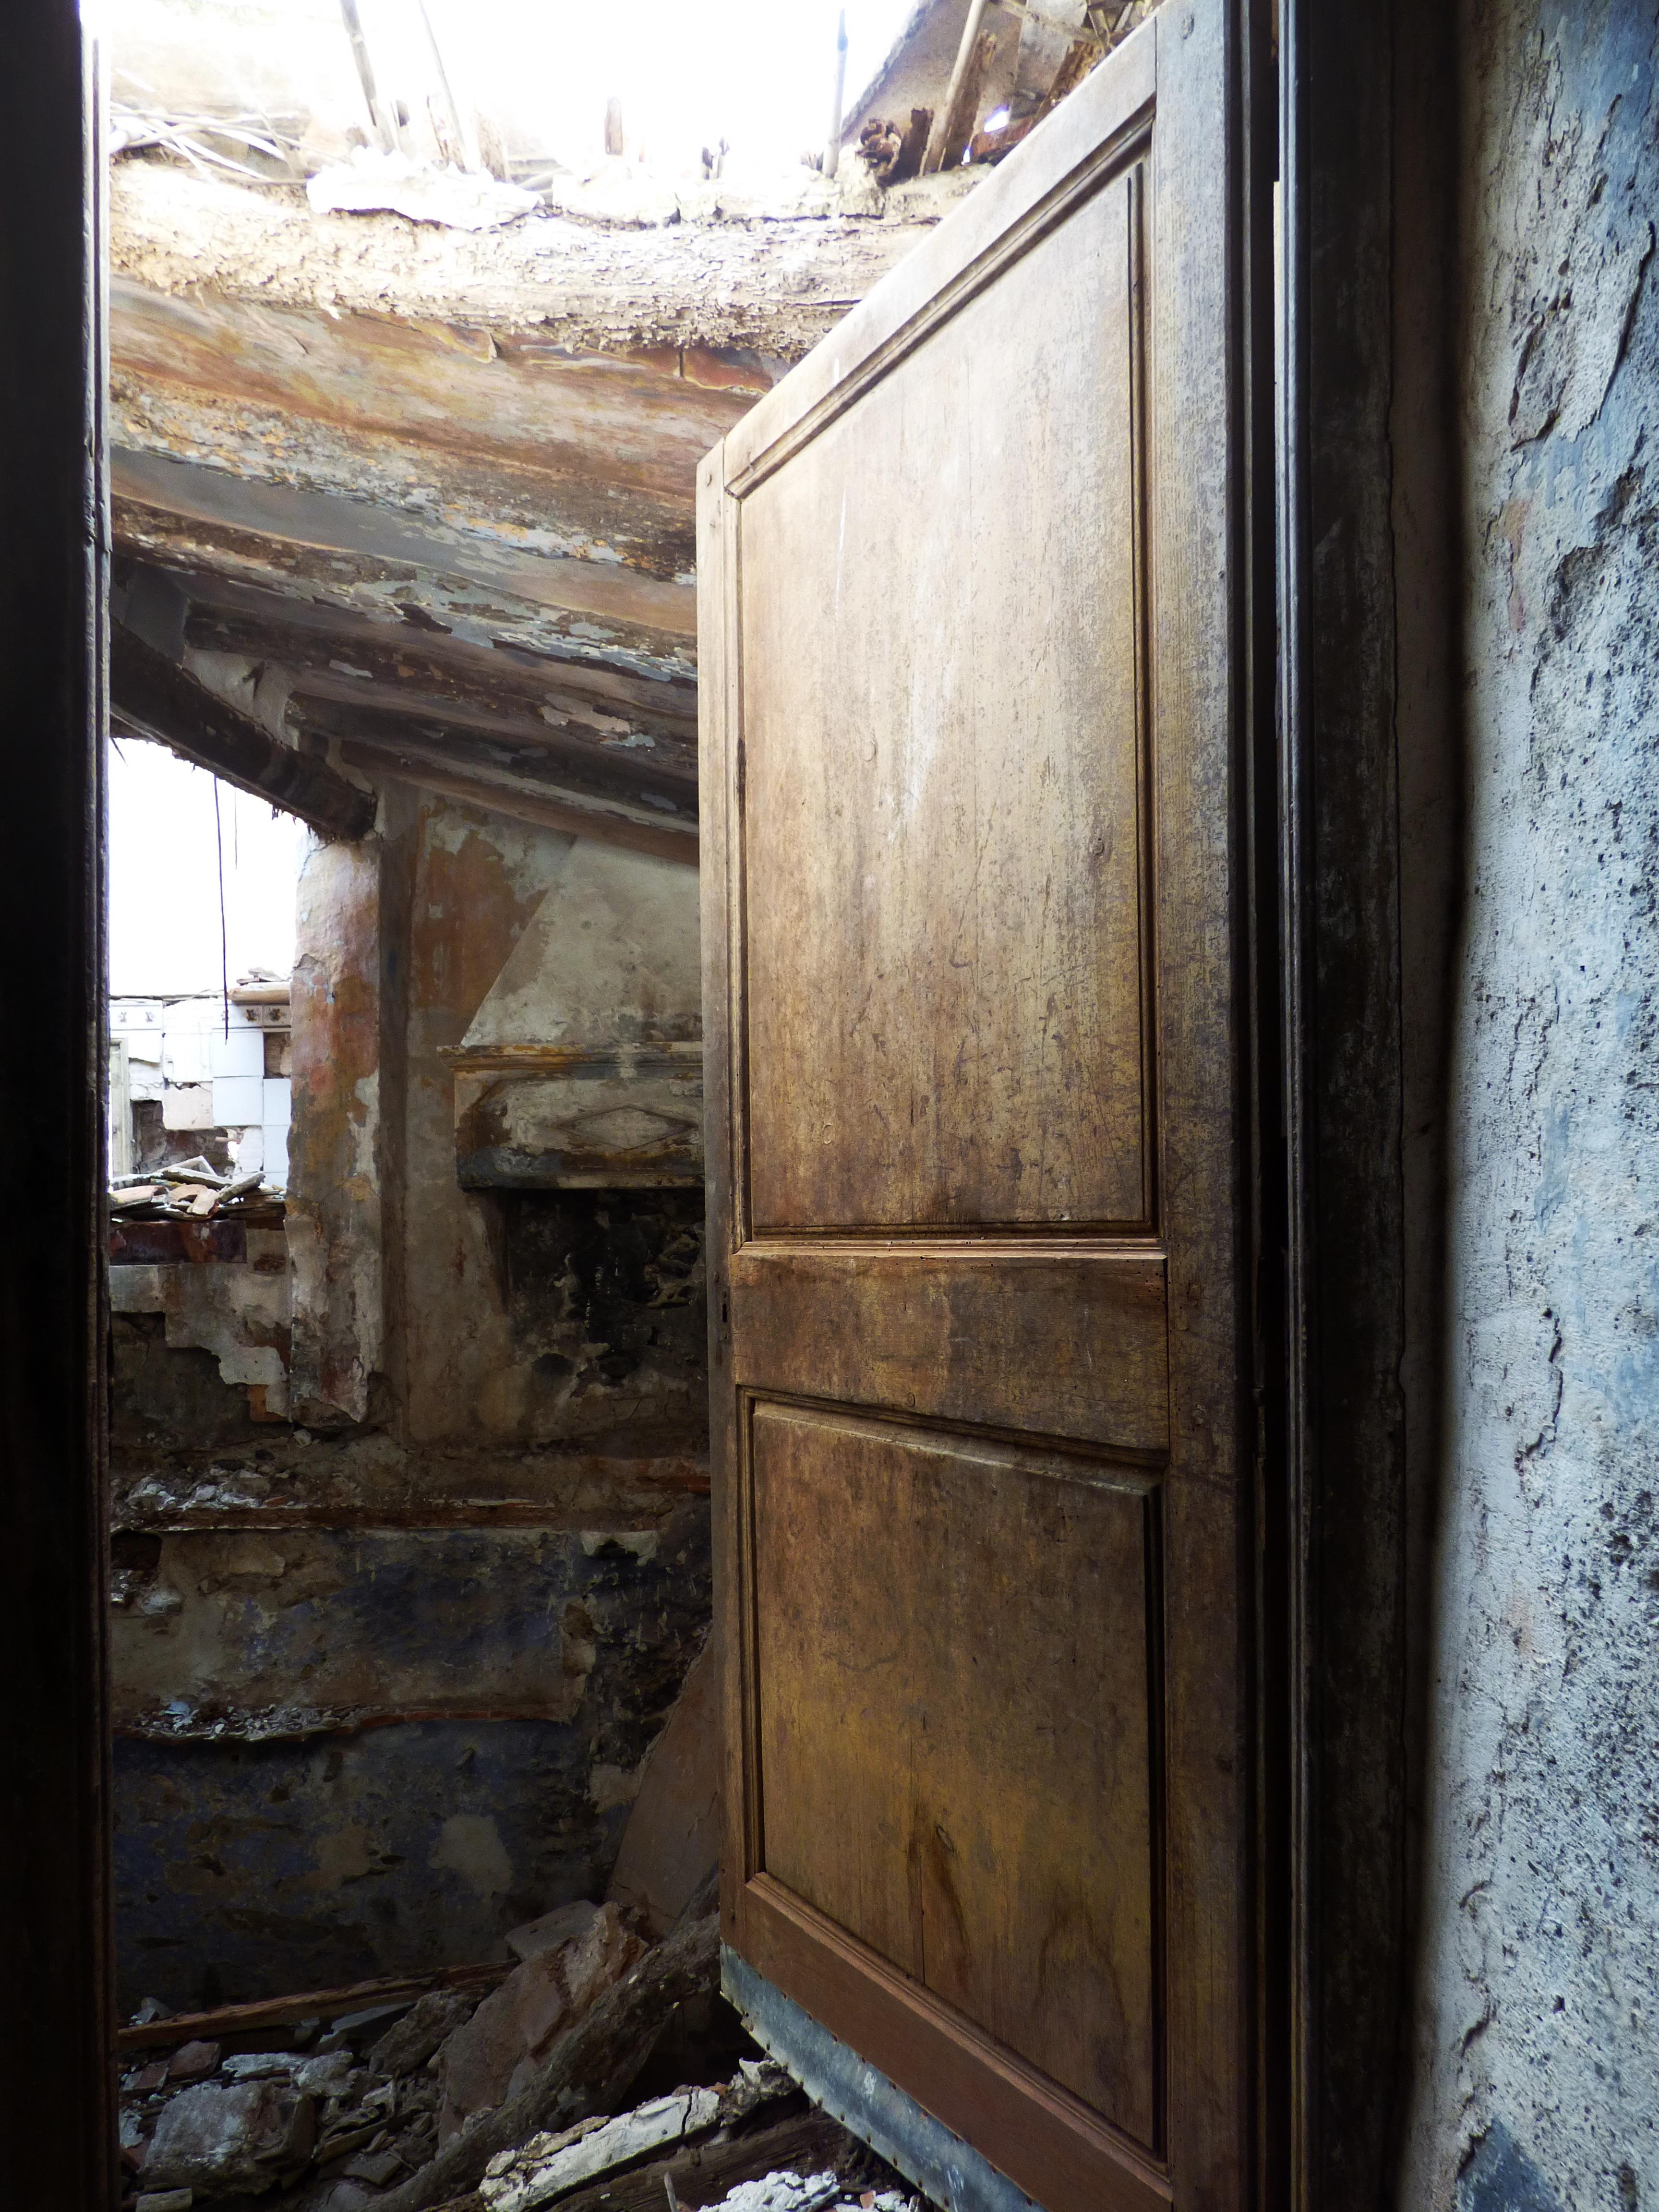 Licht Holz Haus Loch Fenster Zuhause Mauer Verlassen Ruine Möbel Zimmer Tür  Eingang Dekadenz